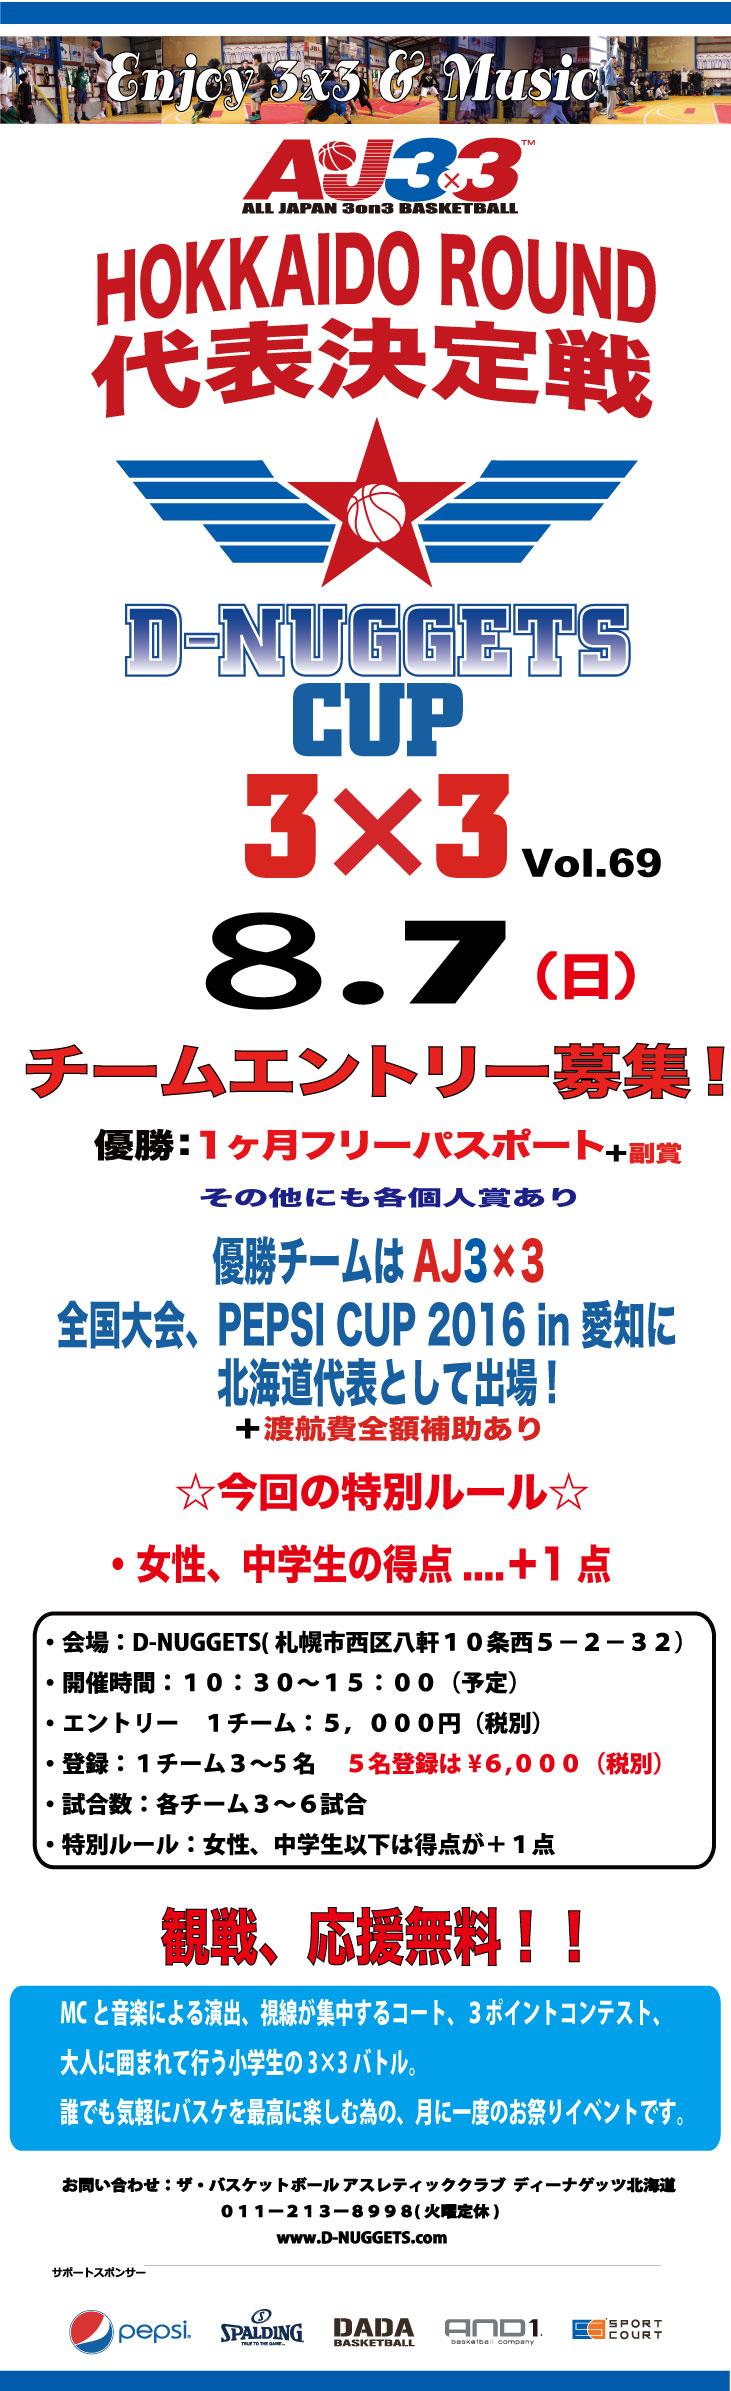 ディーナゲッツ北海道「AJ3x3 HOKKAIDO ROUND開催のお知らせ」